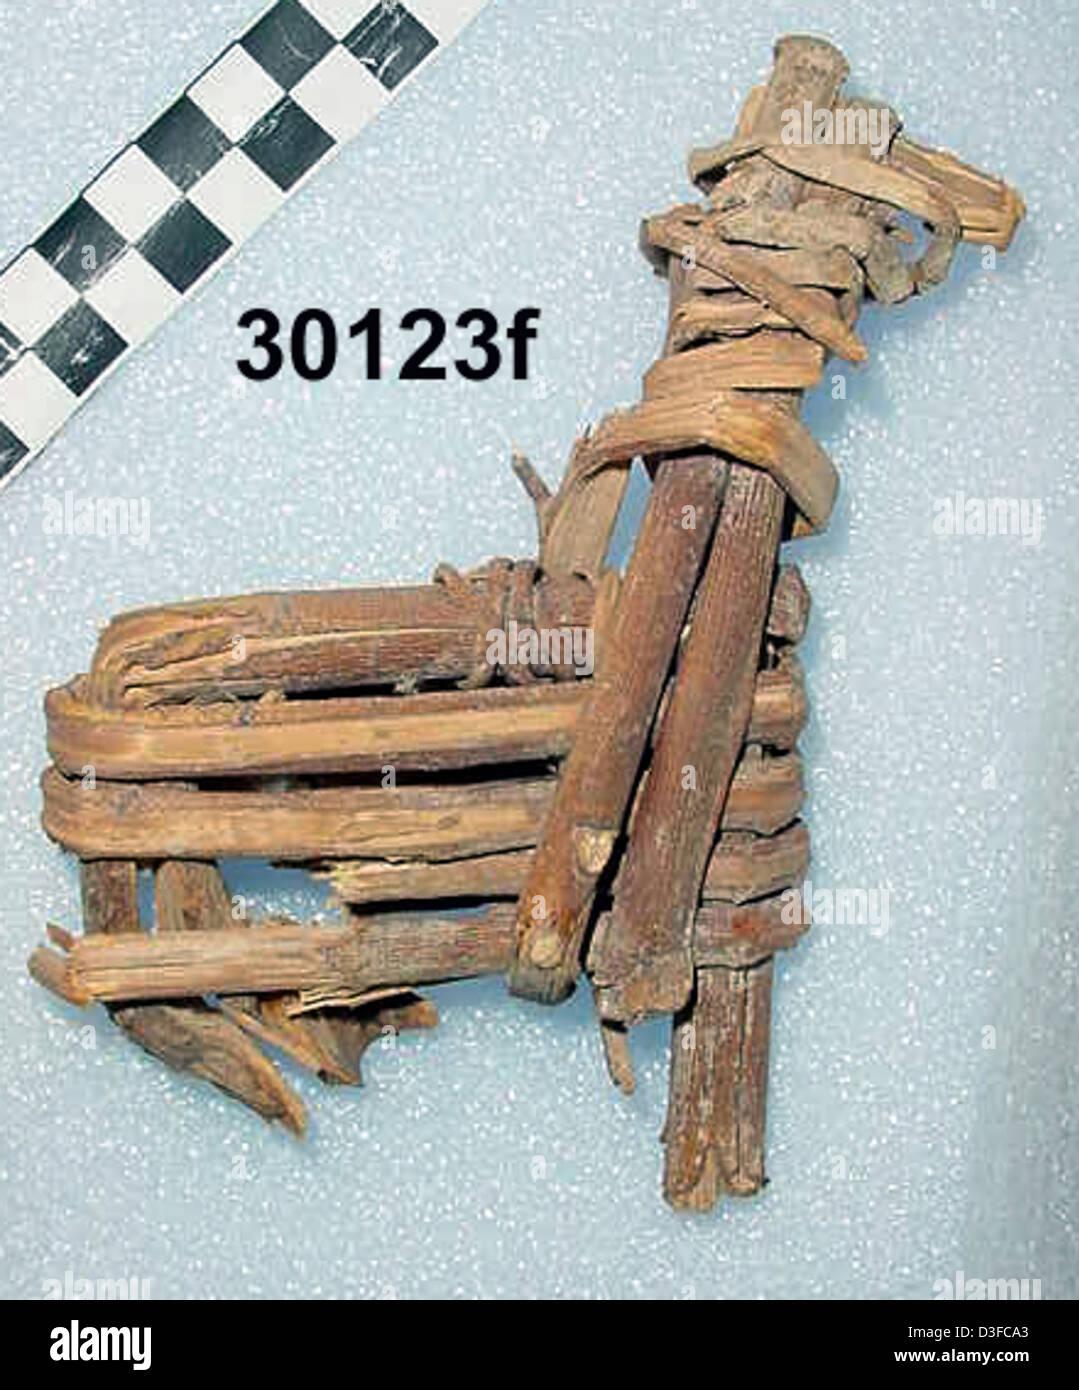 Split-Twig Figurine GRCA_30123f - Stock Image